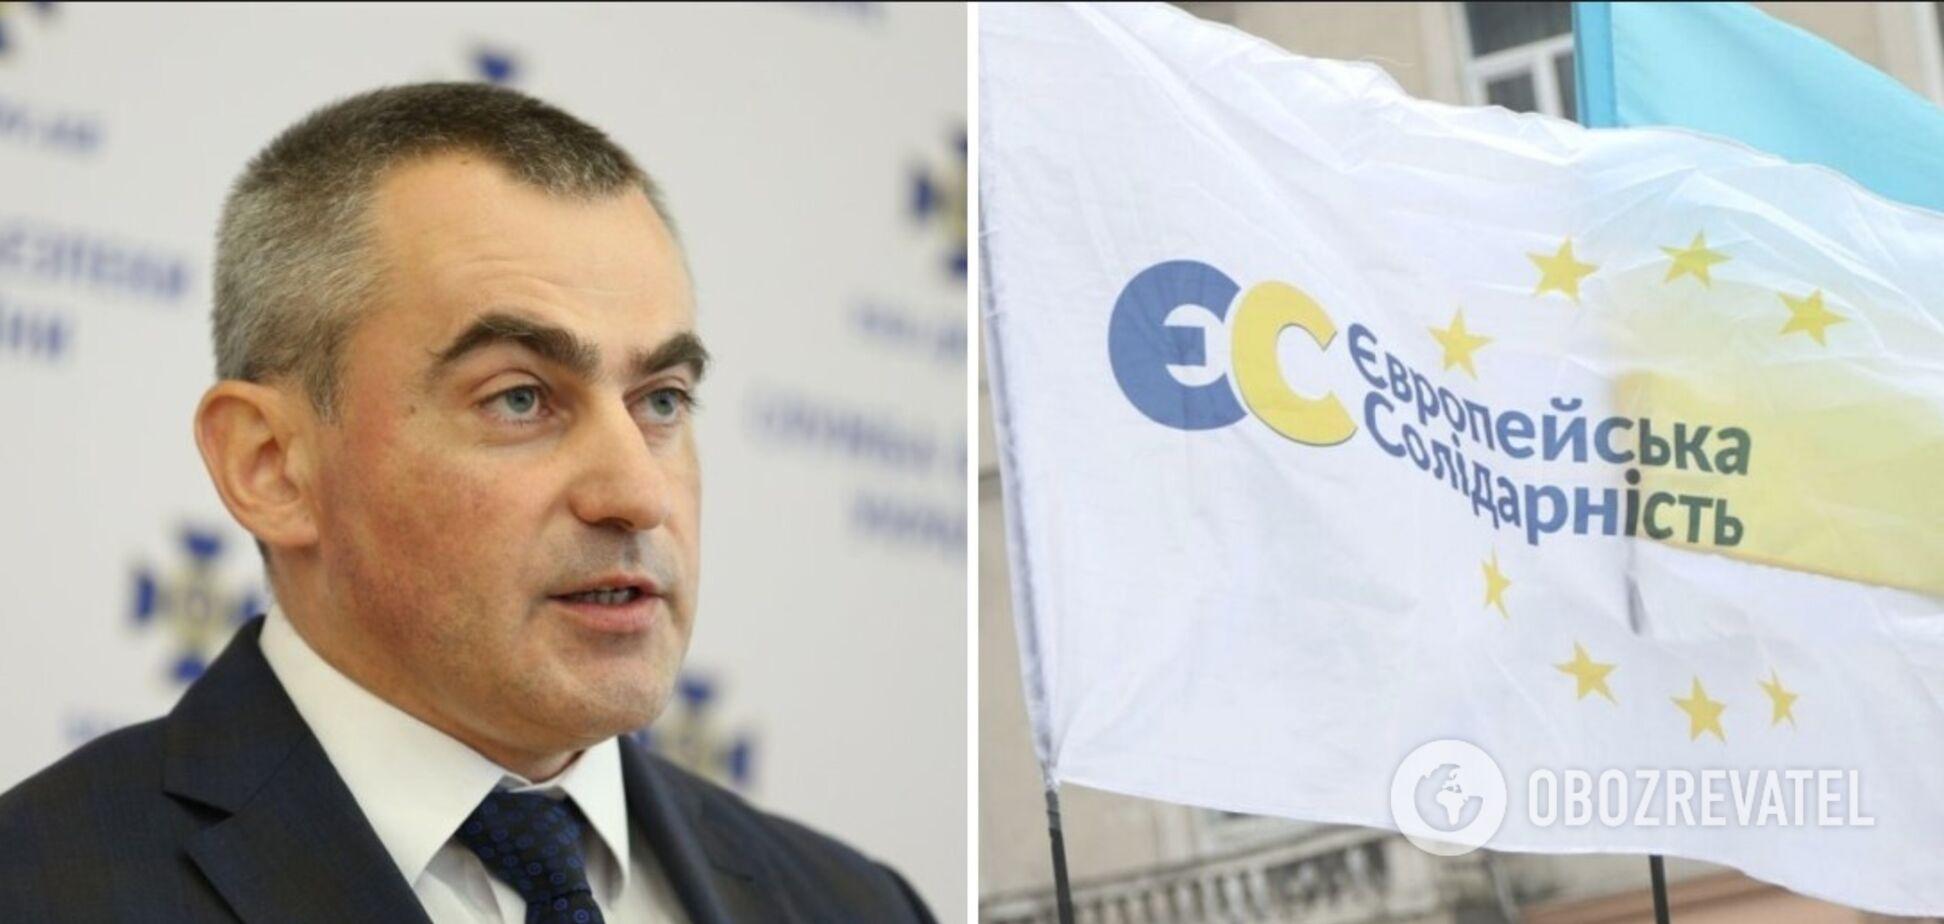 В 'ЕС' требуют объяснений относительно слежки за Кононенко